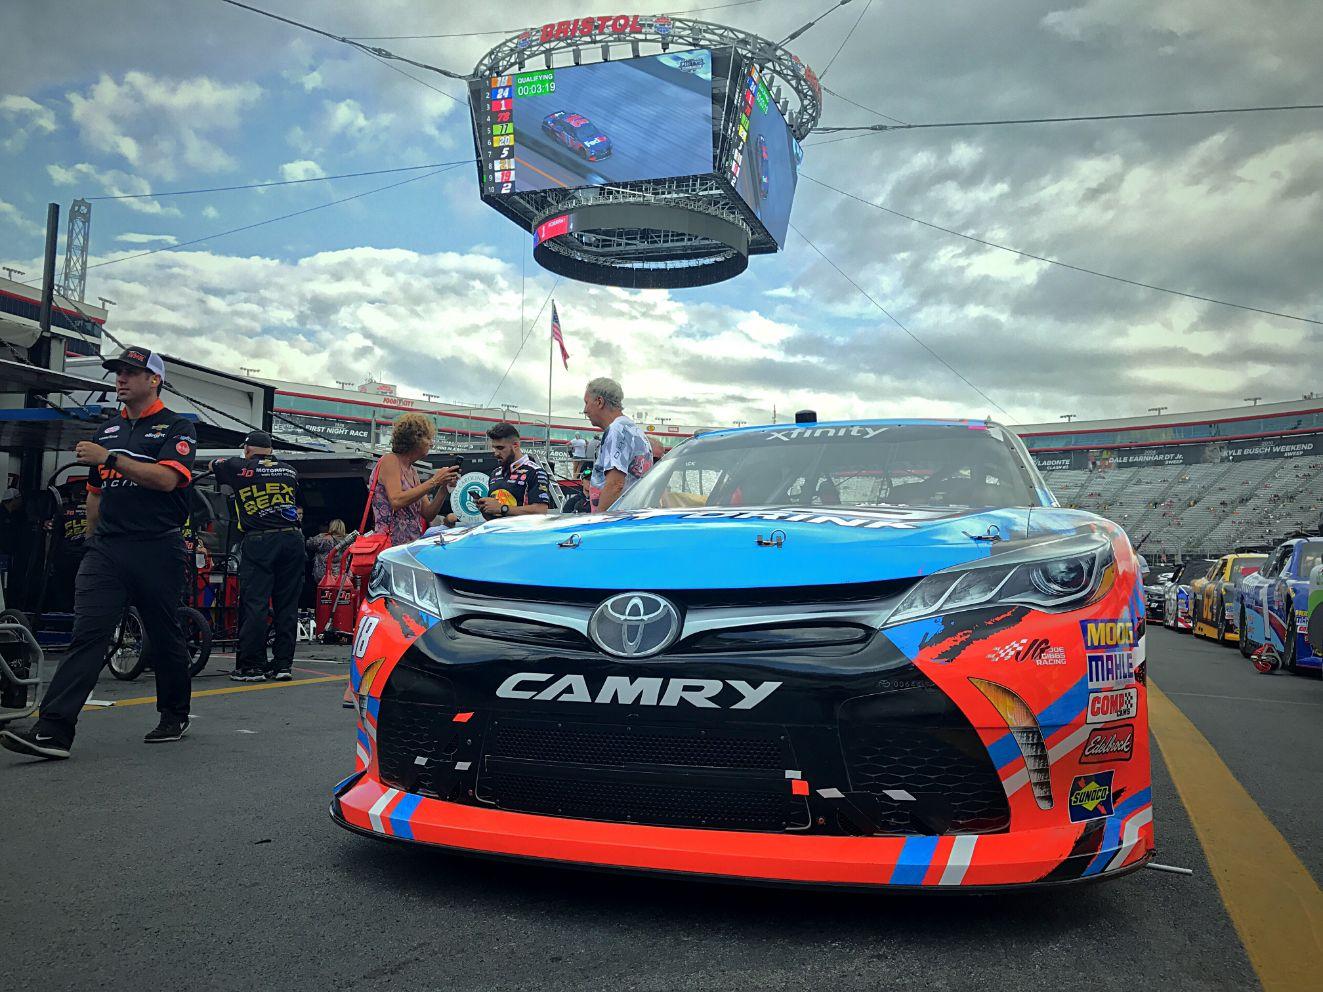 NASCAR Racing